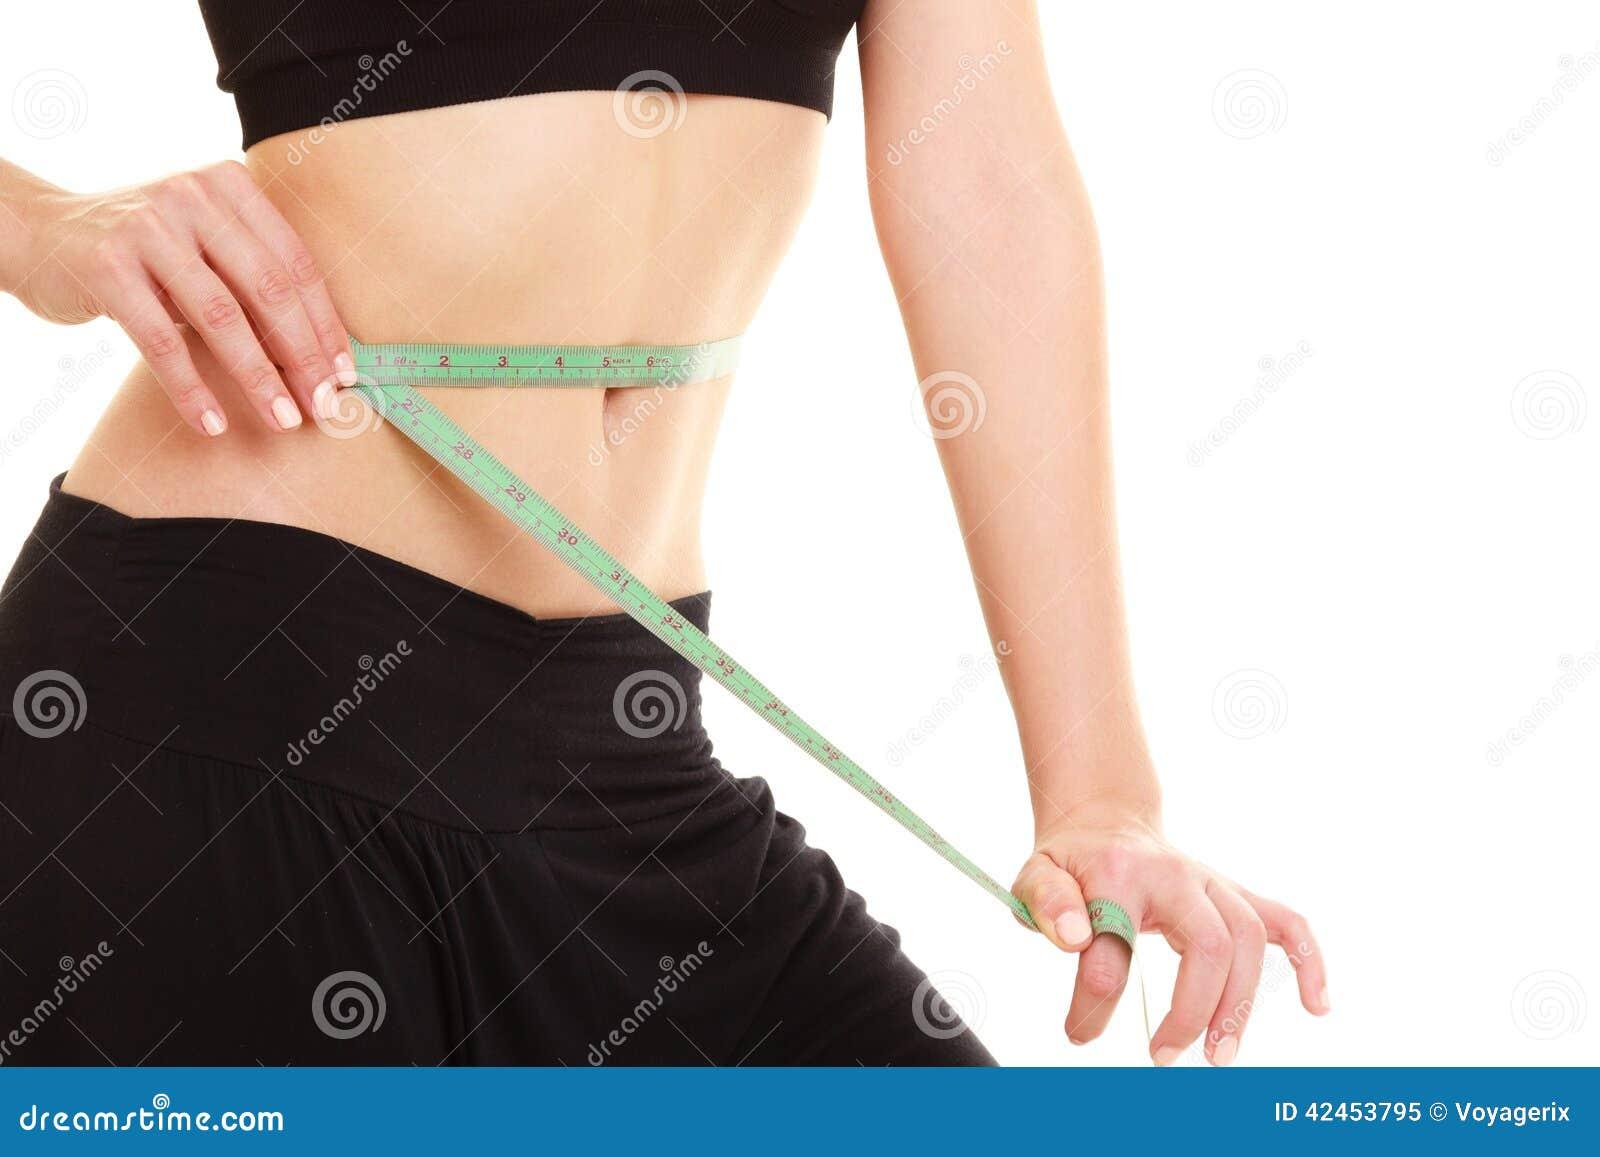 Paleo Diet for Diet Loss